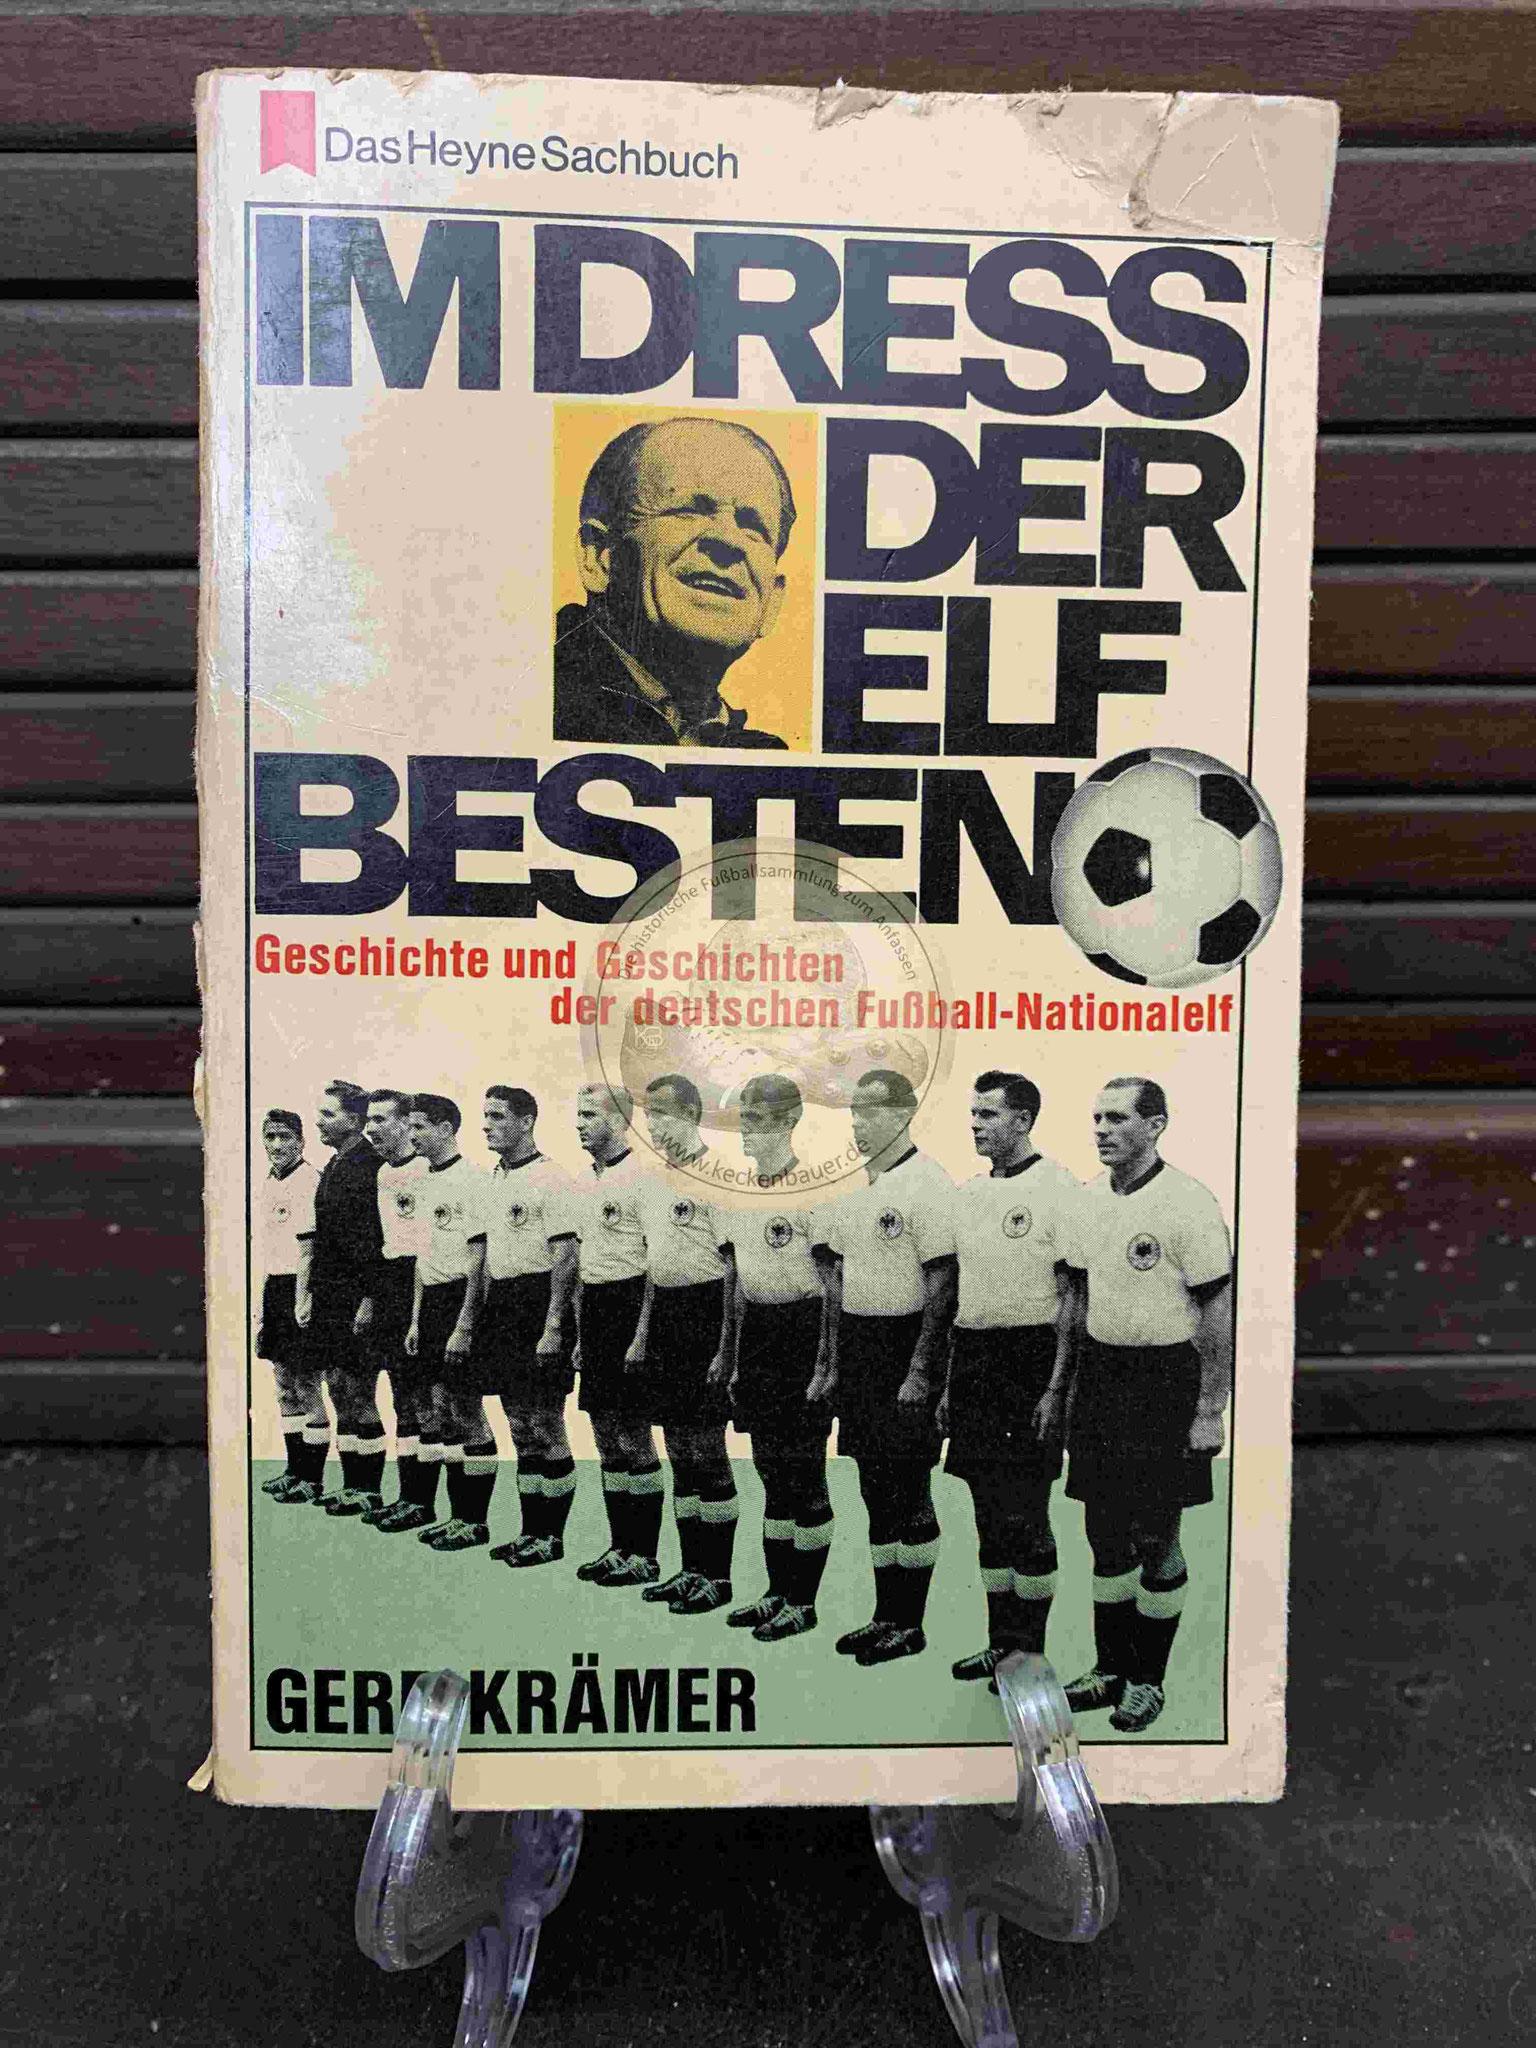 Im Dress der Elf Besten Geschichte und Geschichten der deutschen Fußball-Nationalelf von Gerd Krämer aus dem Jahr 1963